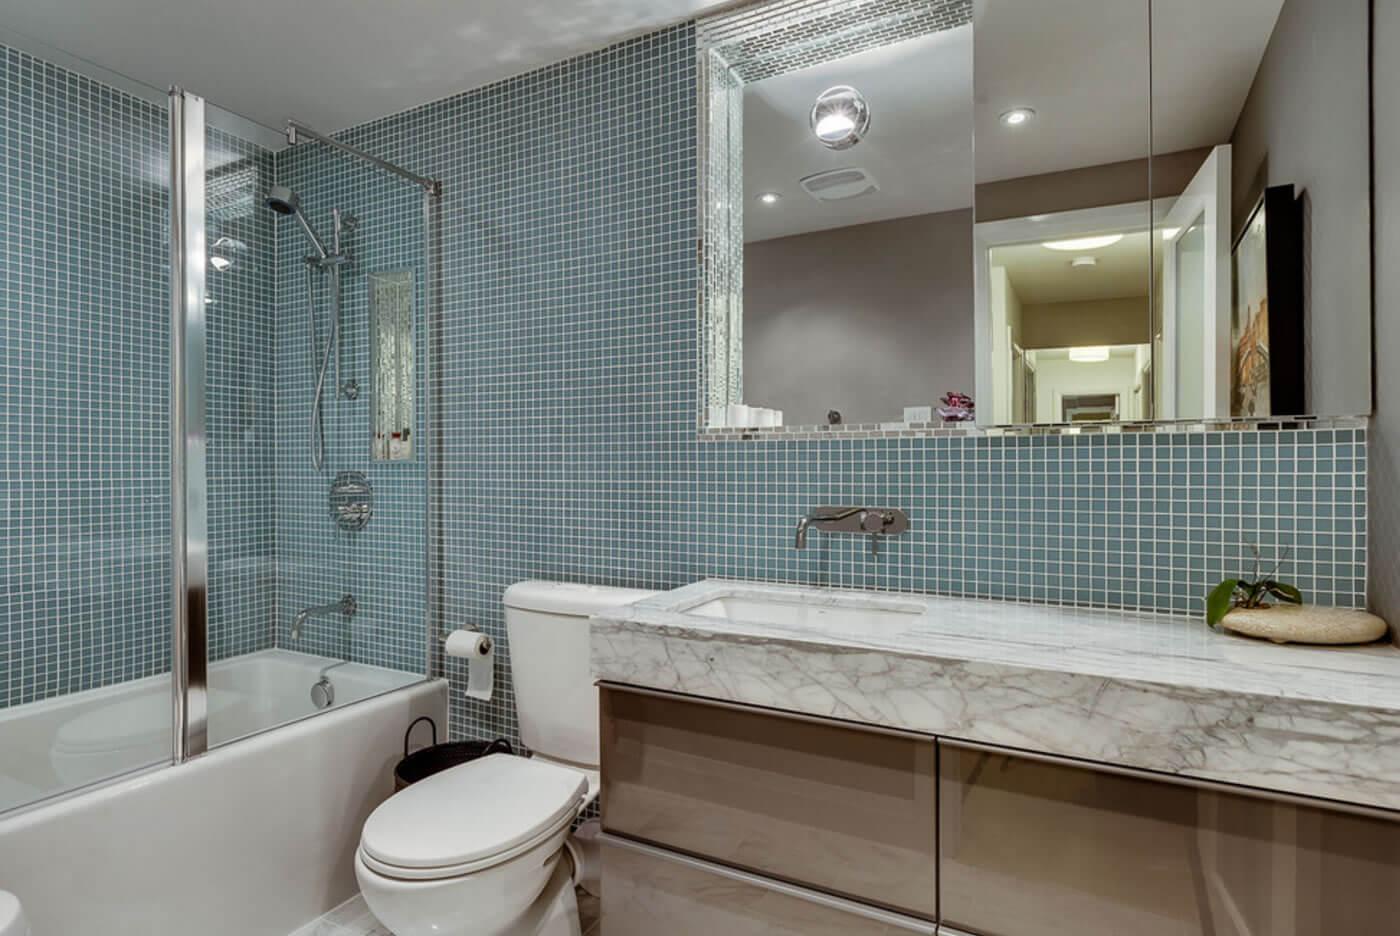 ideias interessantes de banheiros revestidos com pastilhas de vidro #3B3024 1400 936